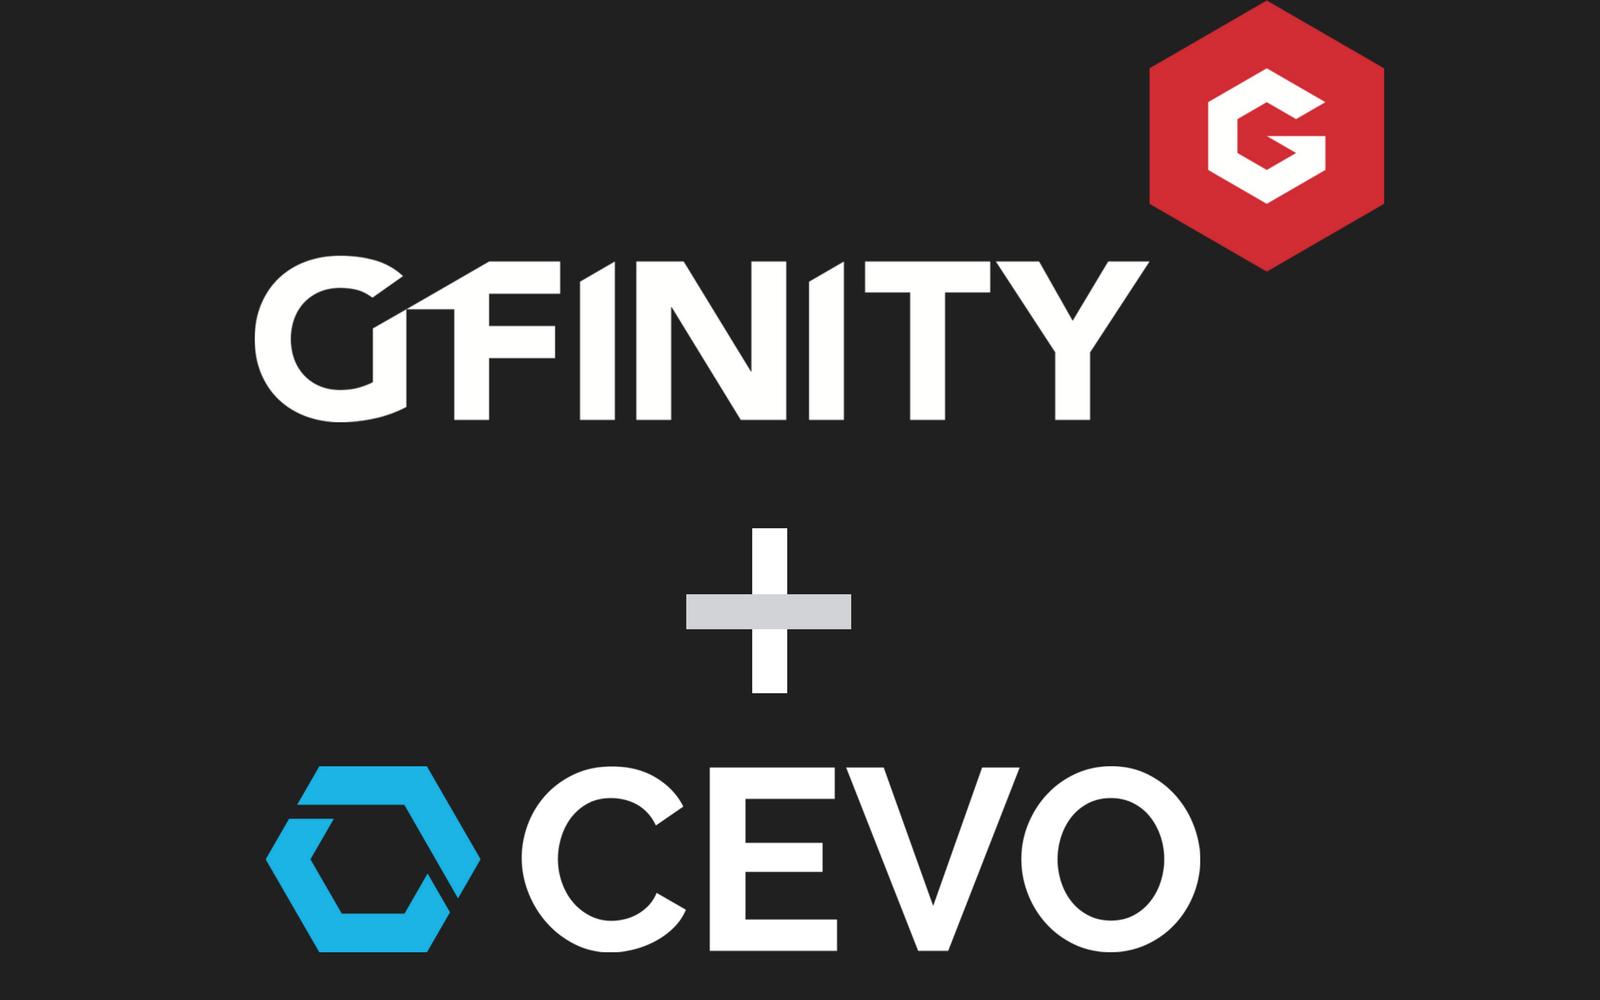 Gfinity i Cevo